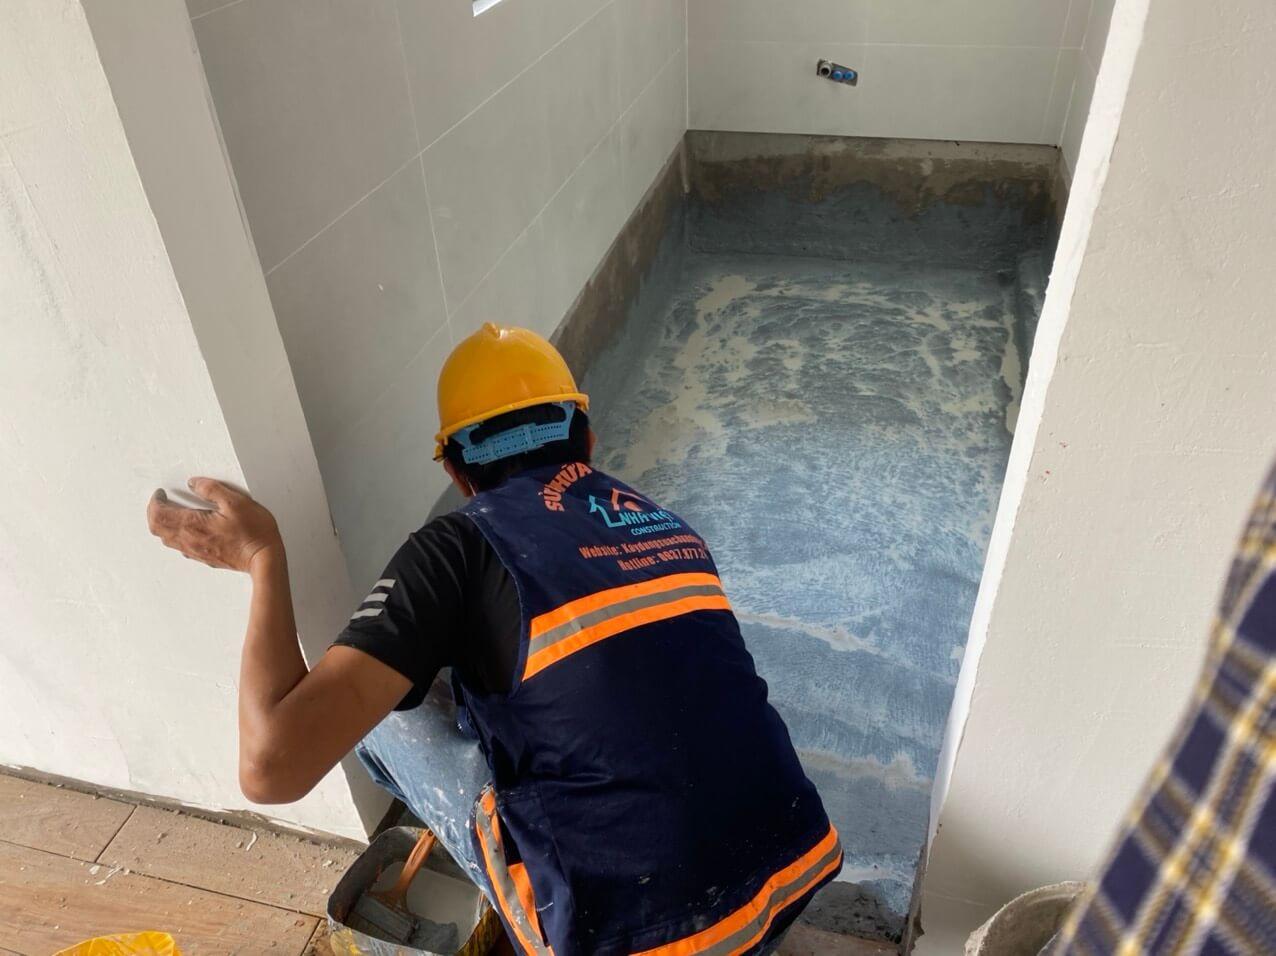 chong tham nha ve sinh chung cu 19 - Chống thấm nhà vệ sinh chung cư uy tín nhất Hồ Chí Minh